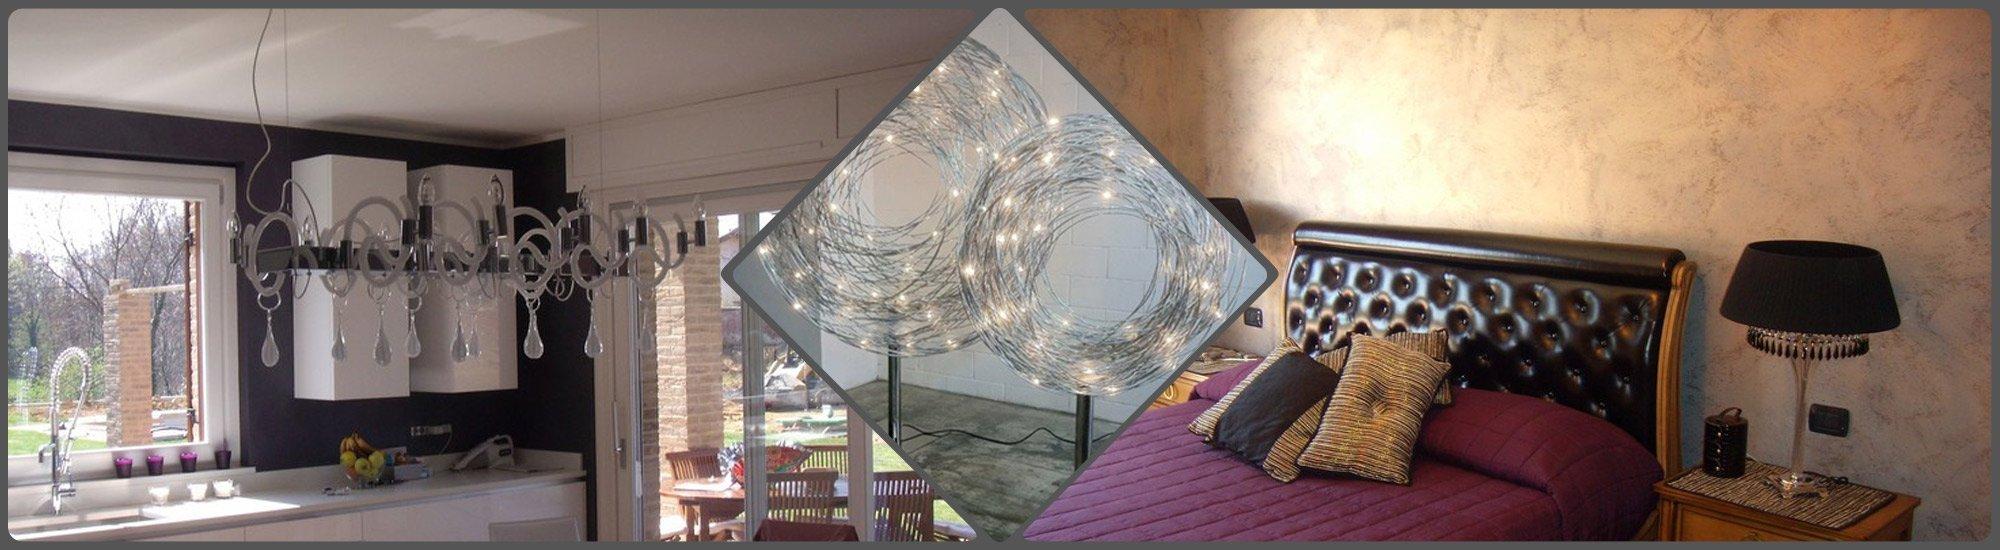 Vista delle ambientazioni riprodotte grazie ai lampadari dei marchi utilizzati dalla F.A.L.C. Lampadari di Ciriè